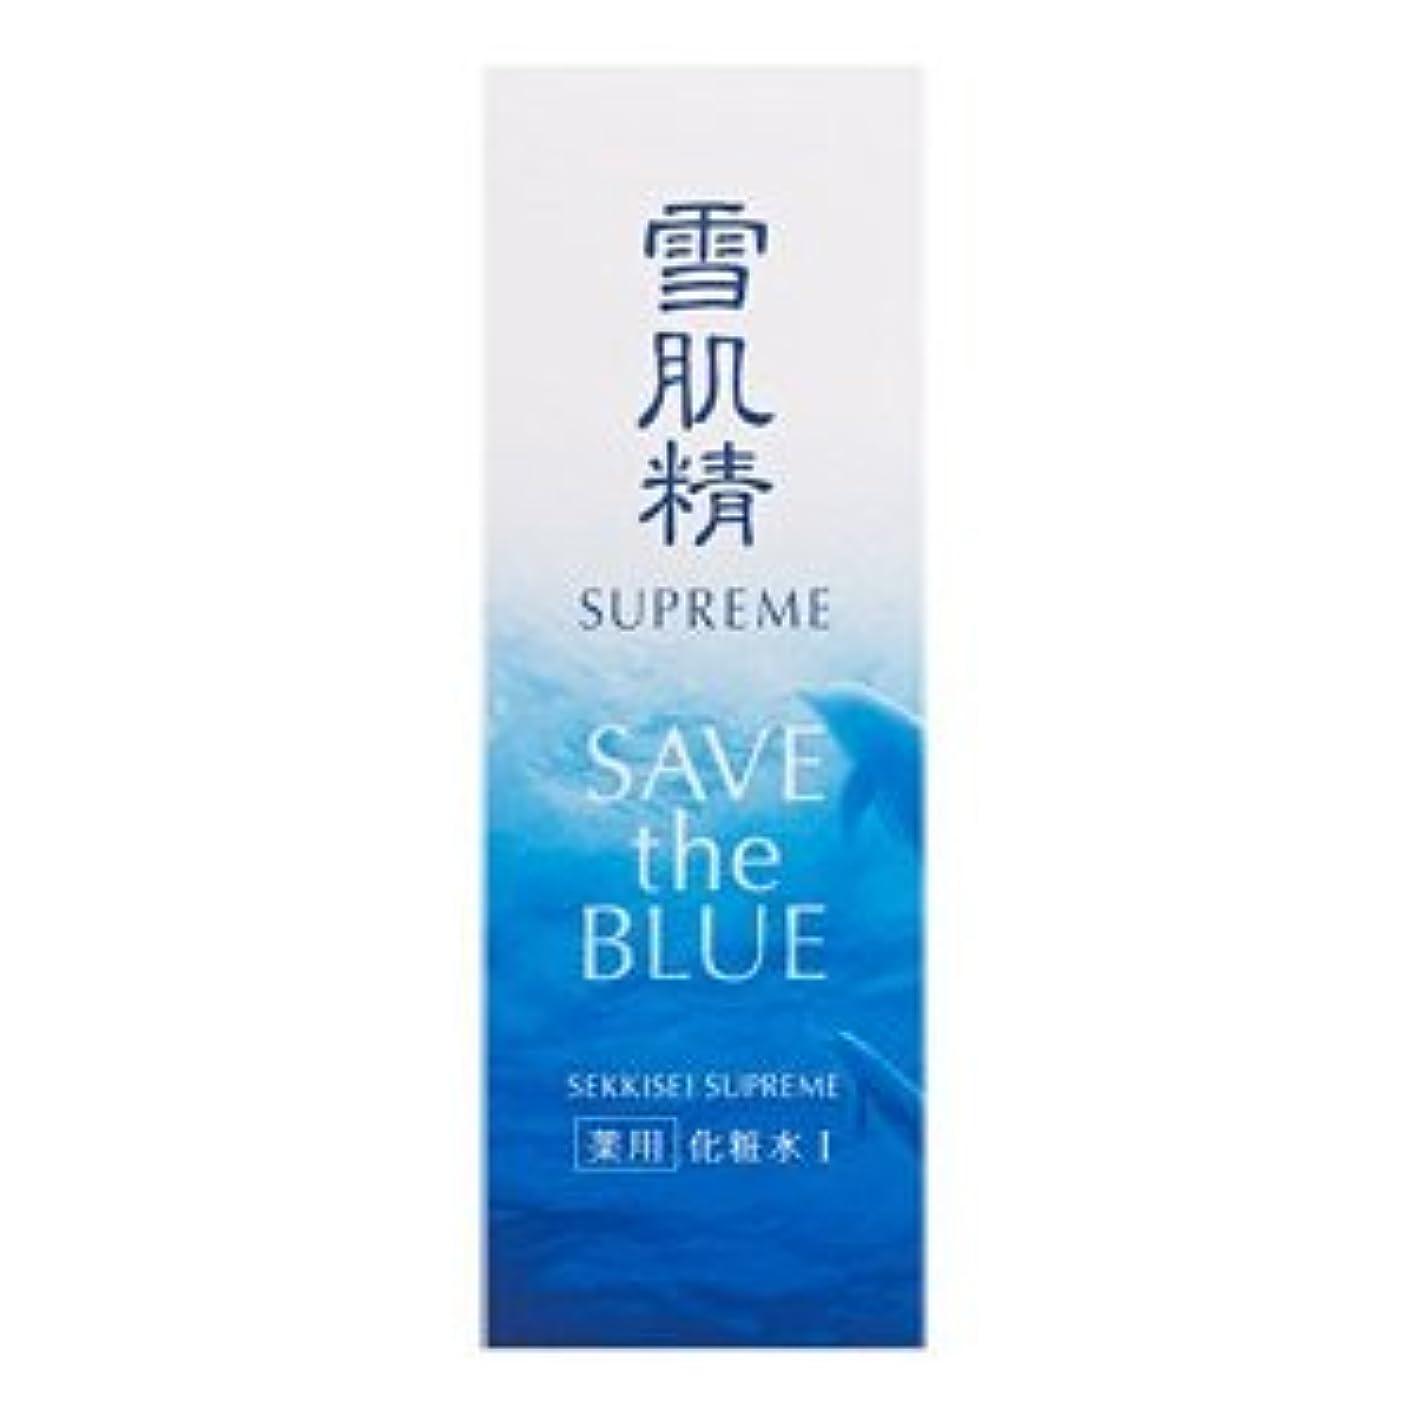 ファンド終了する電気コーセー 雪肌精 シュープレム 化粧水 Ⅰ みずみずしいうるおい 400ml アウトレット